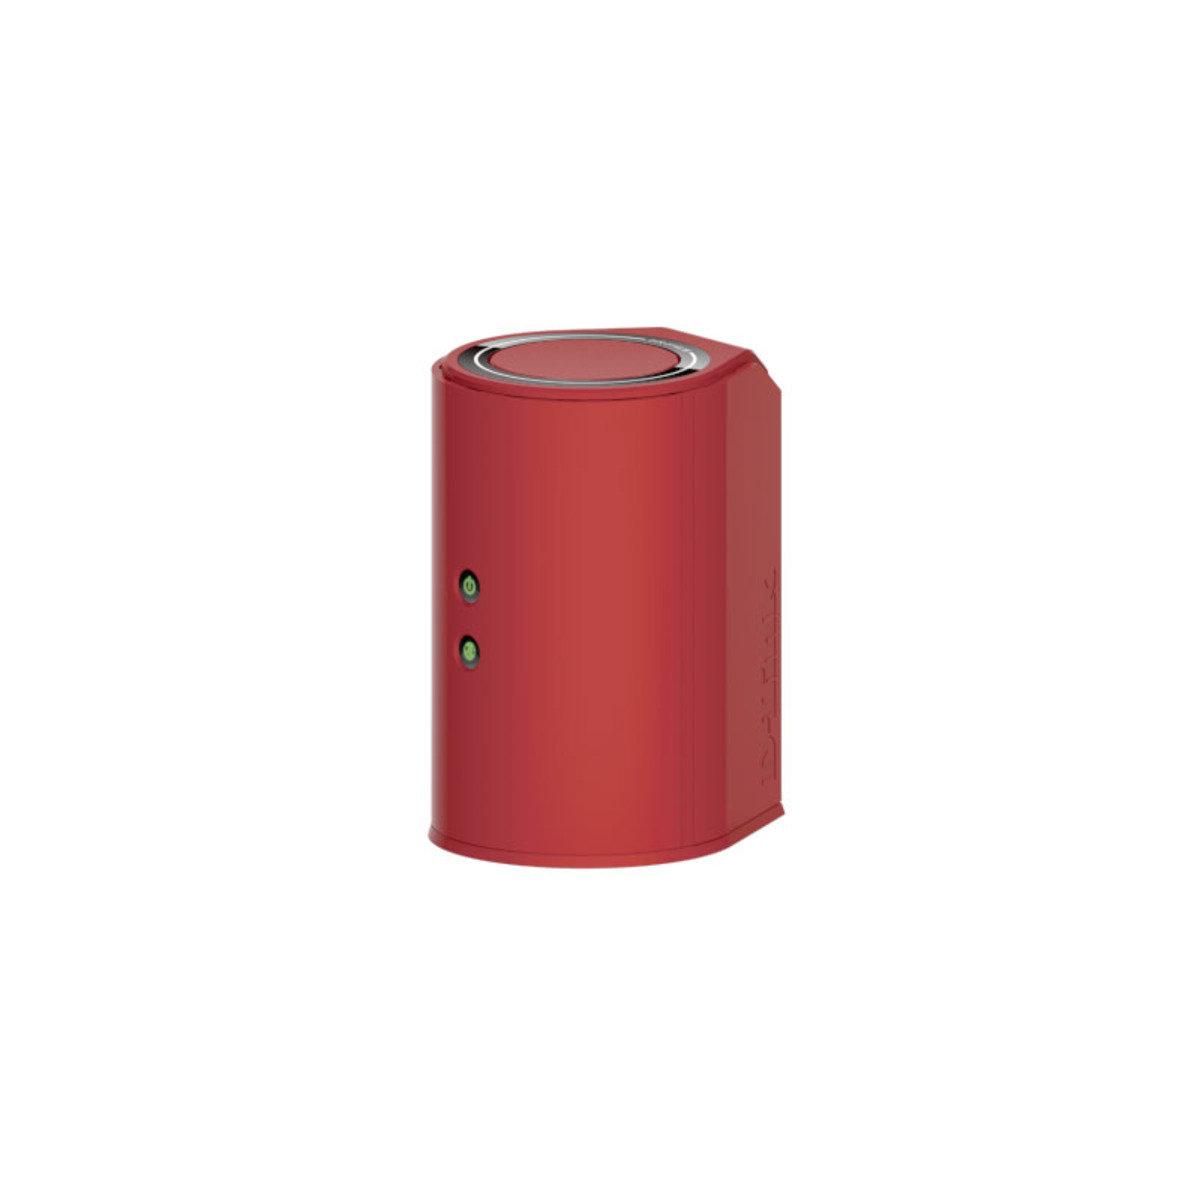 AC750 雙頻無線直立式路由器 DIR818LR Red